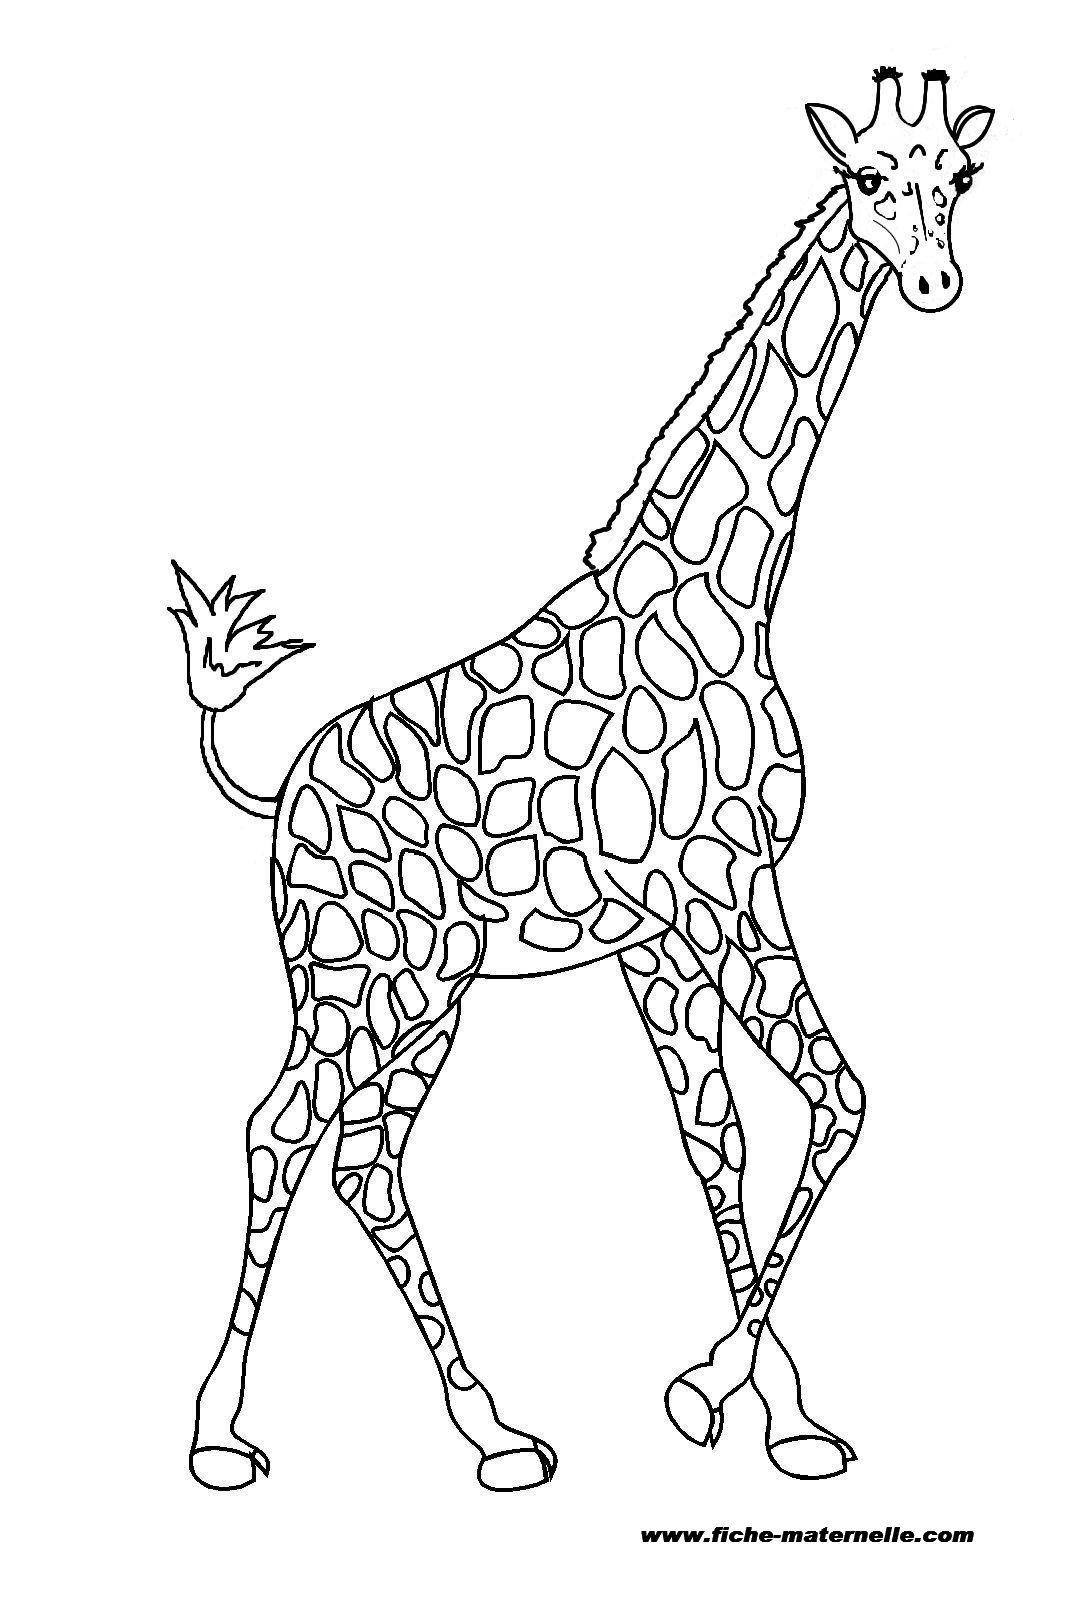 20 dessins de coloriage girafe imprimer imprimer - Girafe a imprimer ...